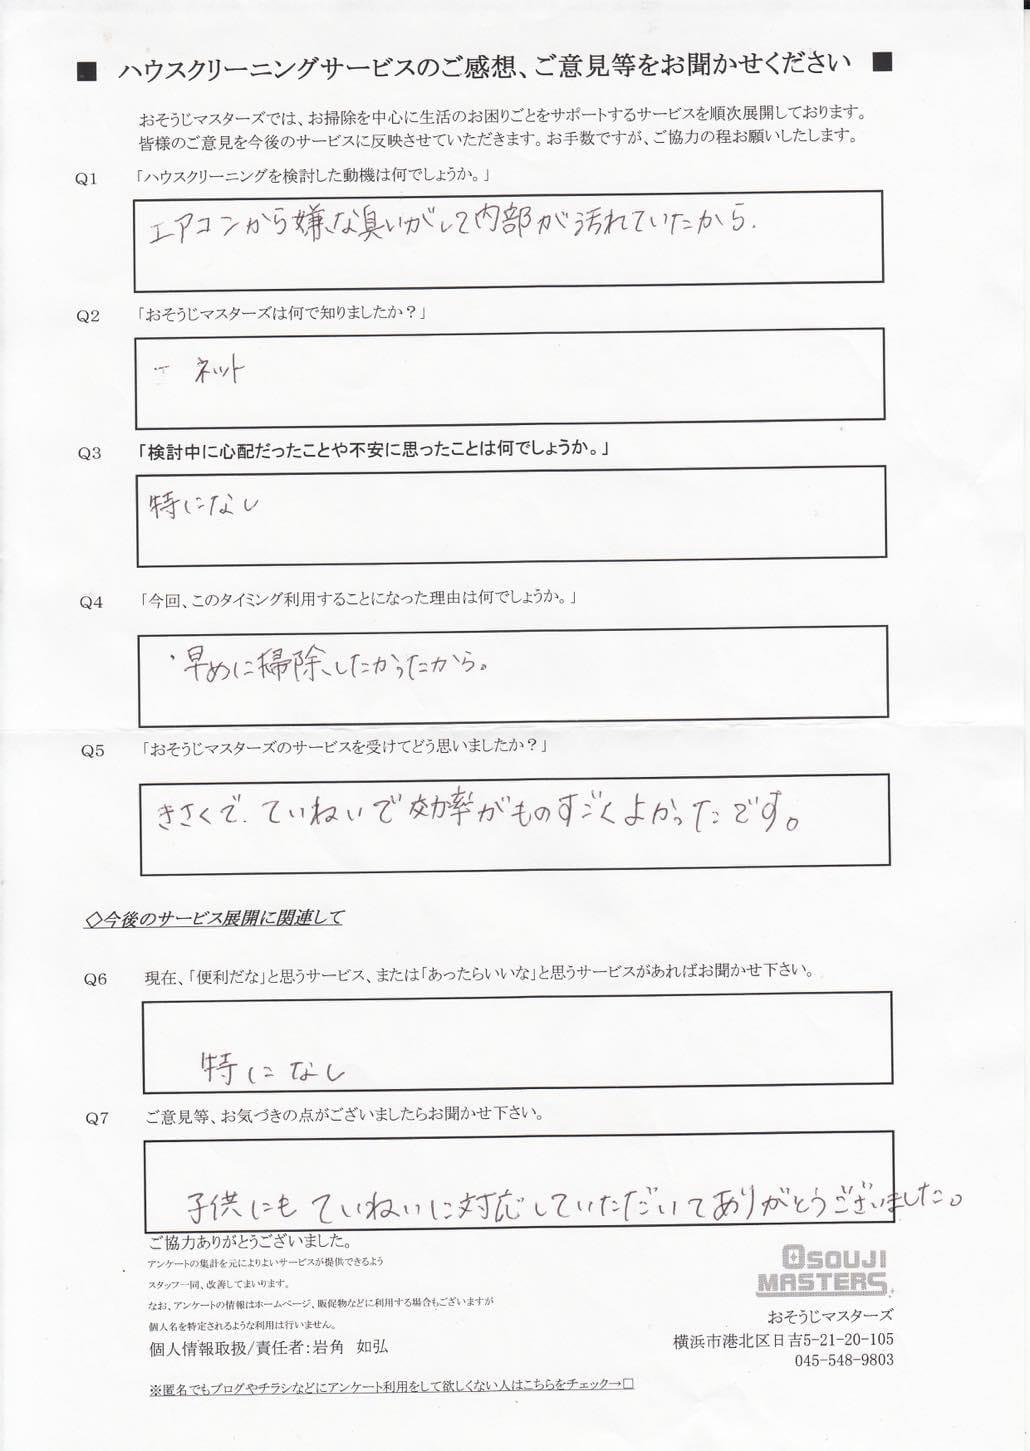 2015/07/16 エアコンクリーニング 【横浜市港北区】